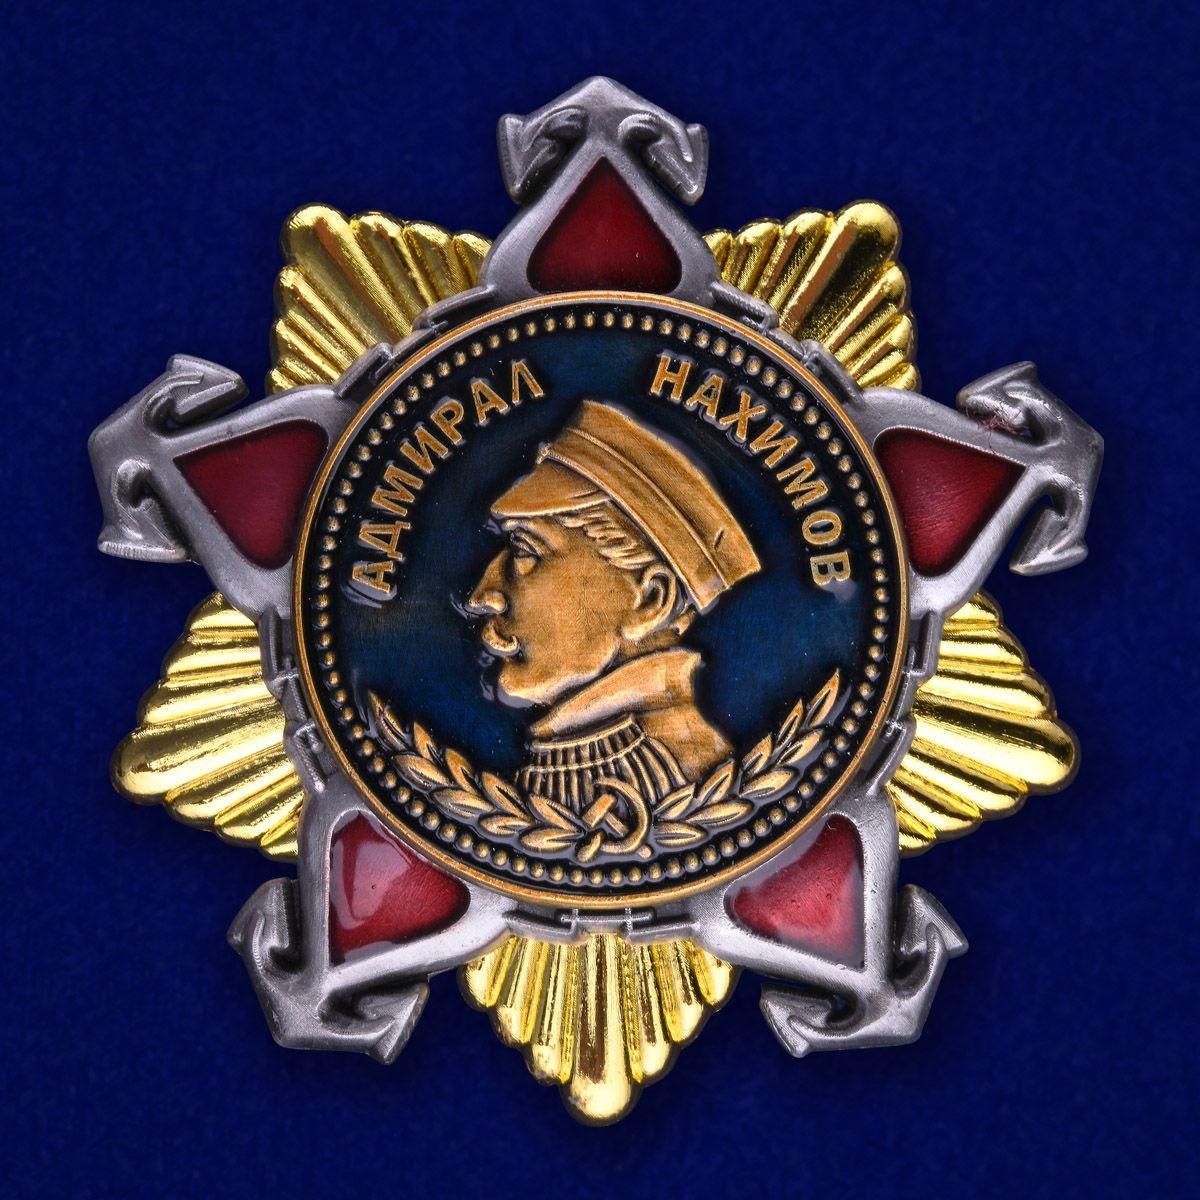 Орден Нахимова (I степени)